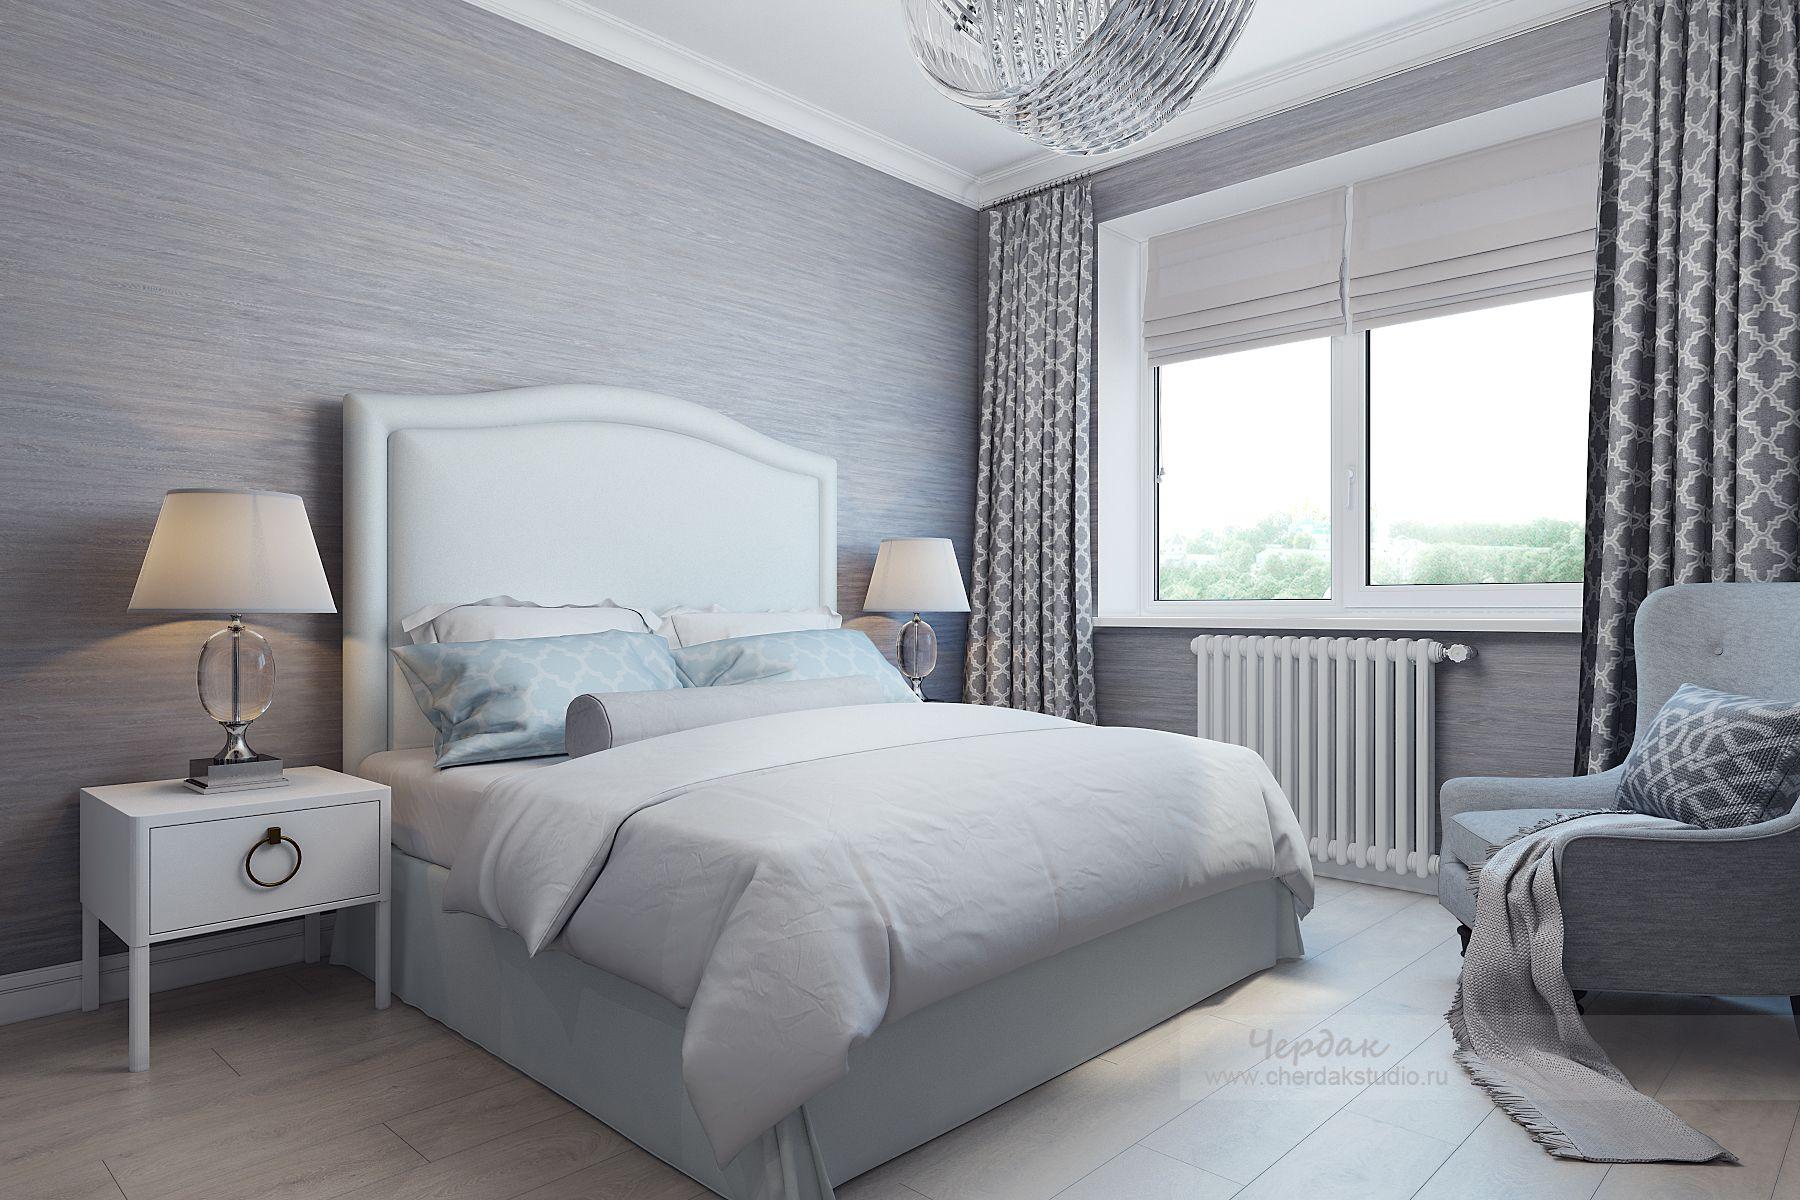 интерьер спальни фото в стиле современная классика